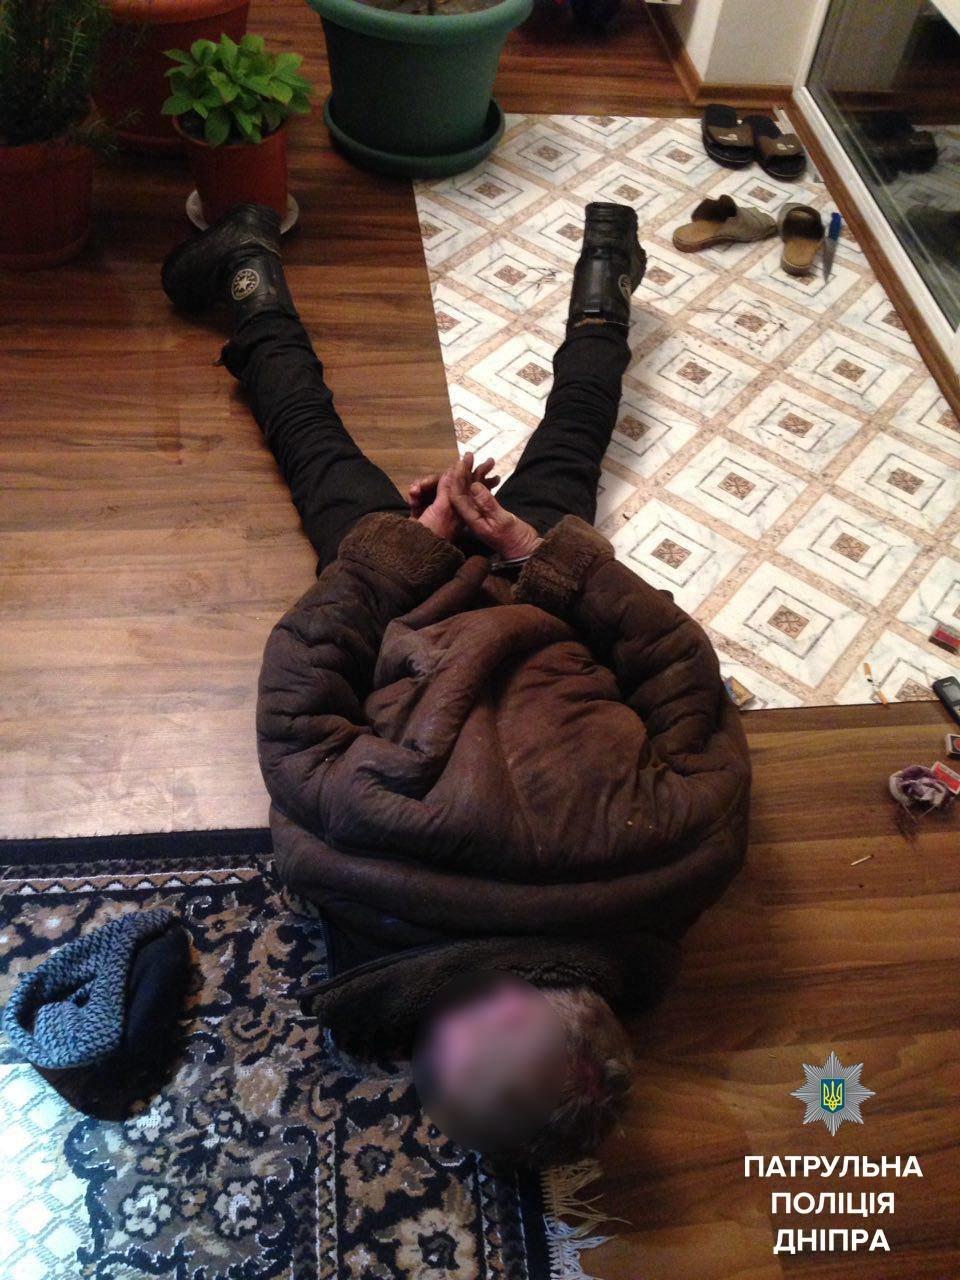 В Днепре неизвестный ворвался в дом и угрожал людям (ФОТО), фото-1